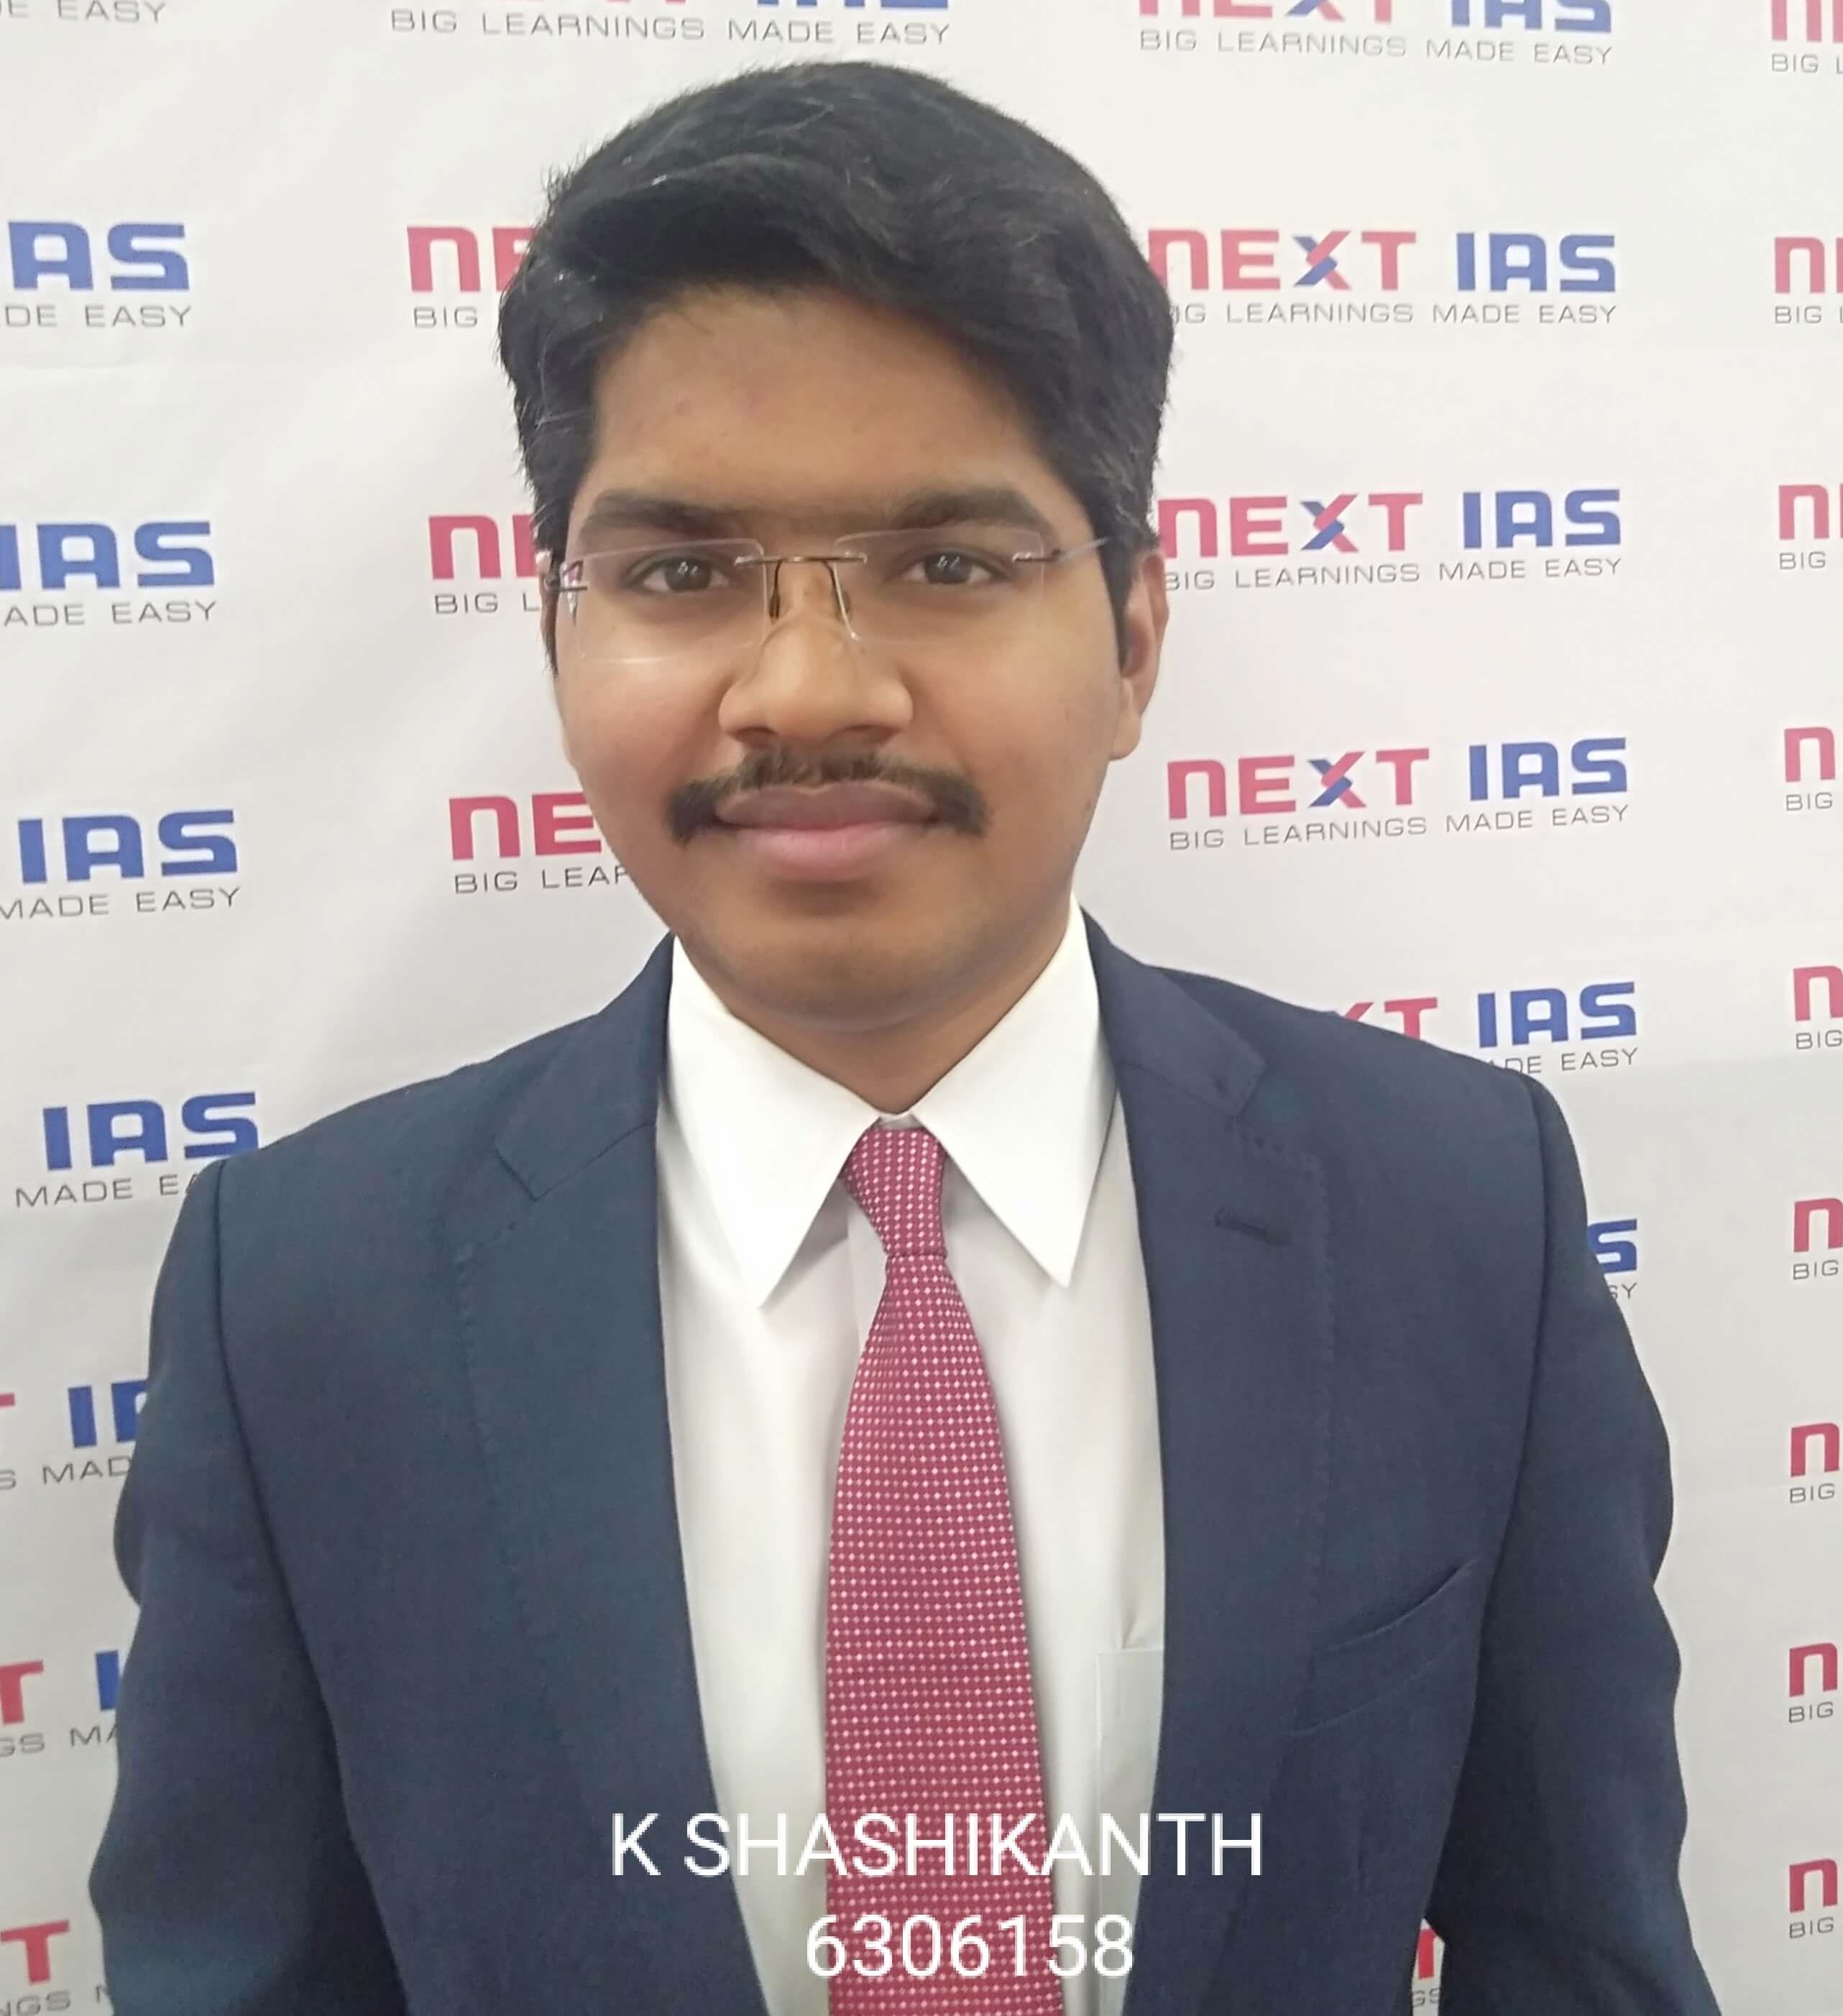 K SHASHIKANTH